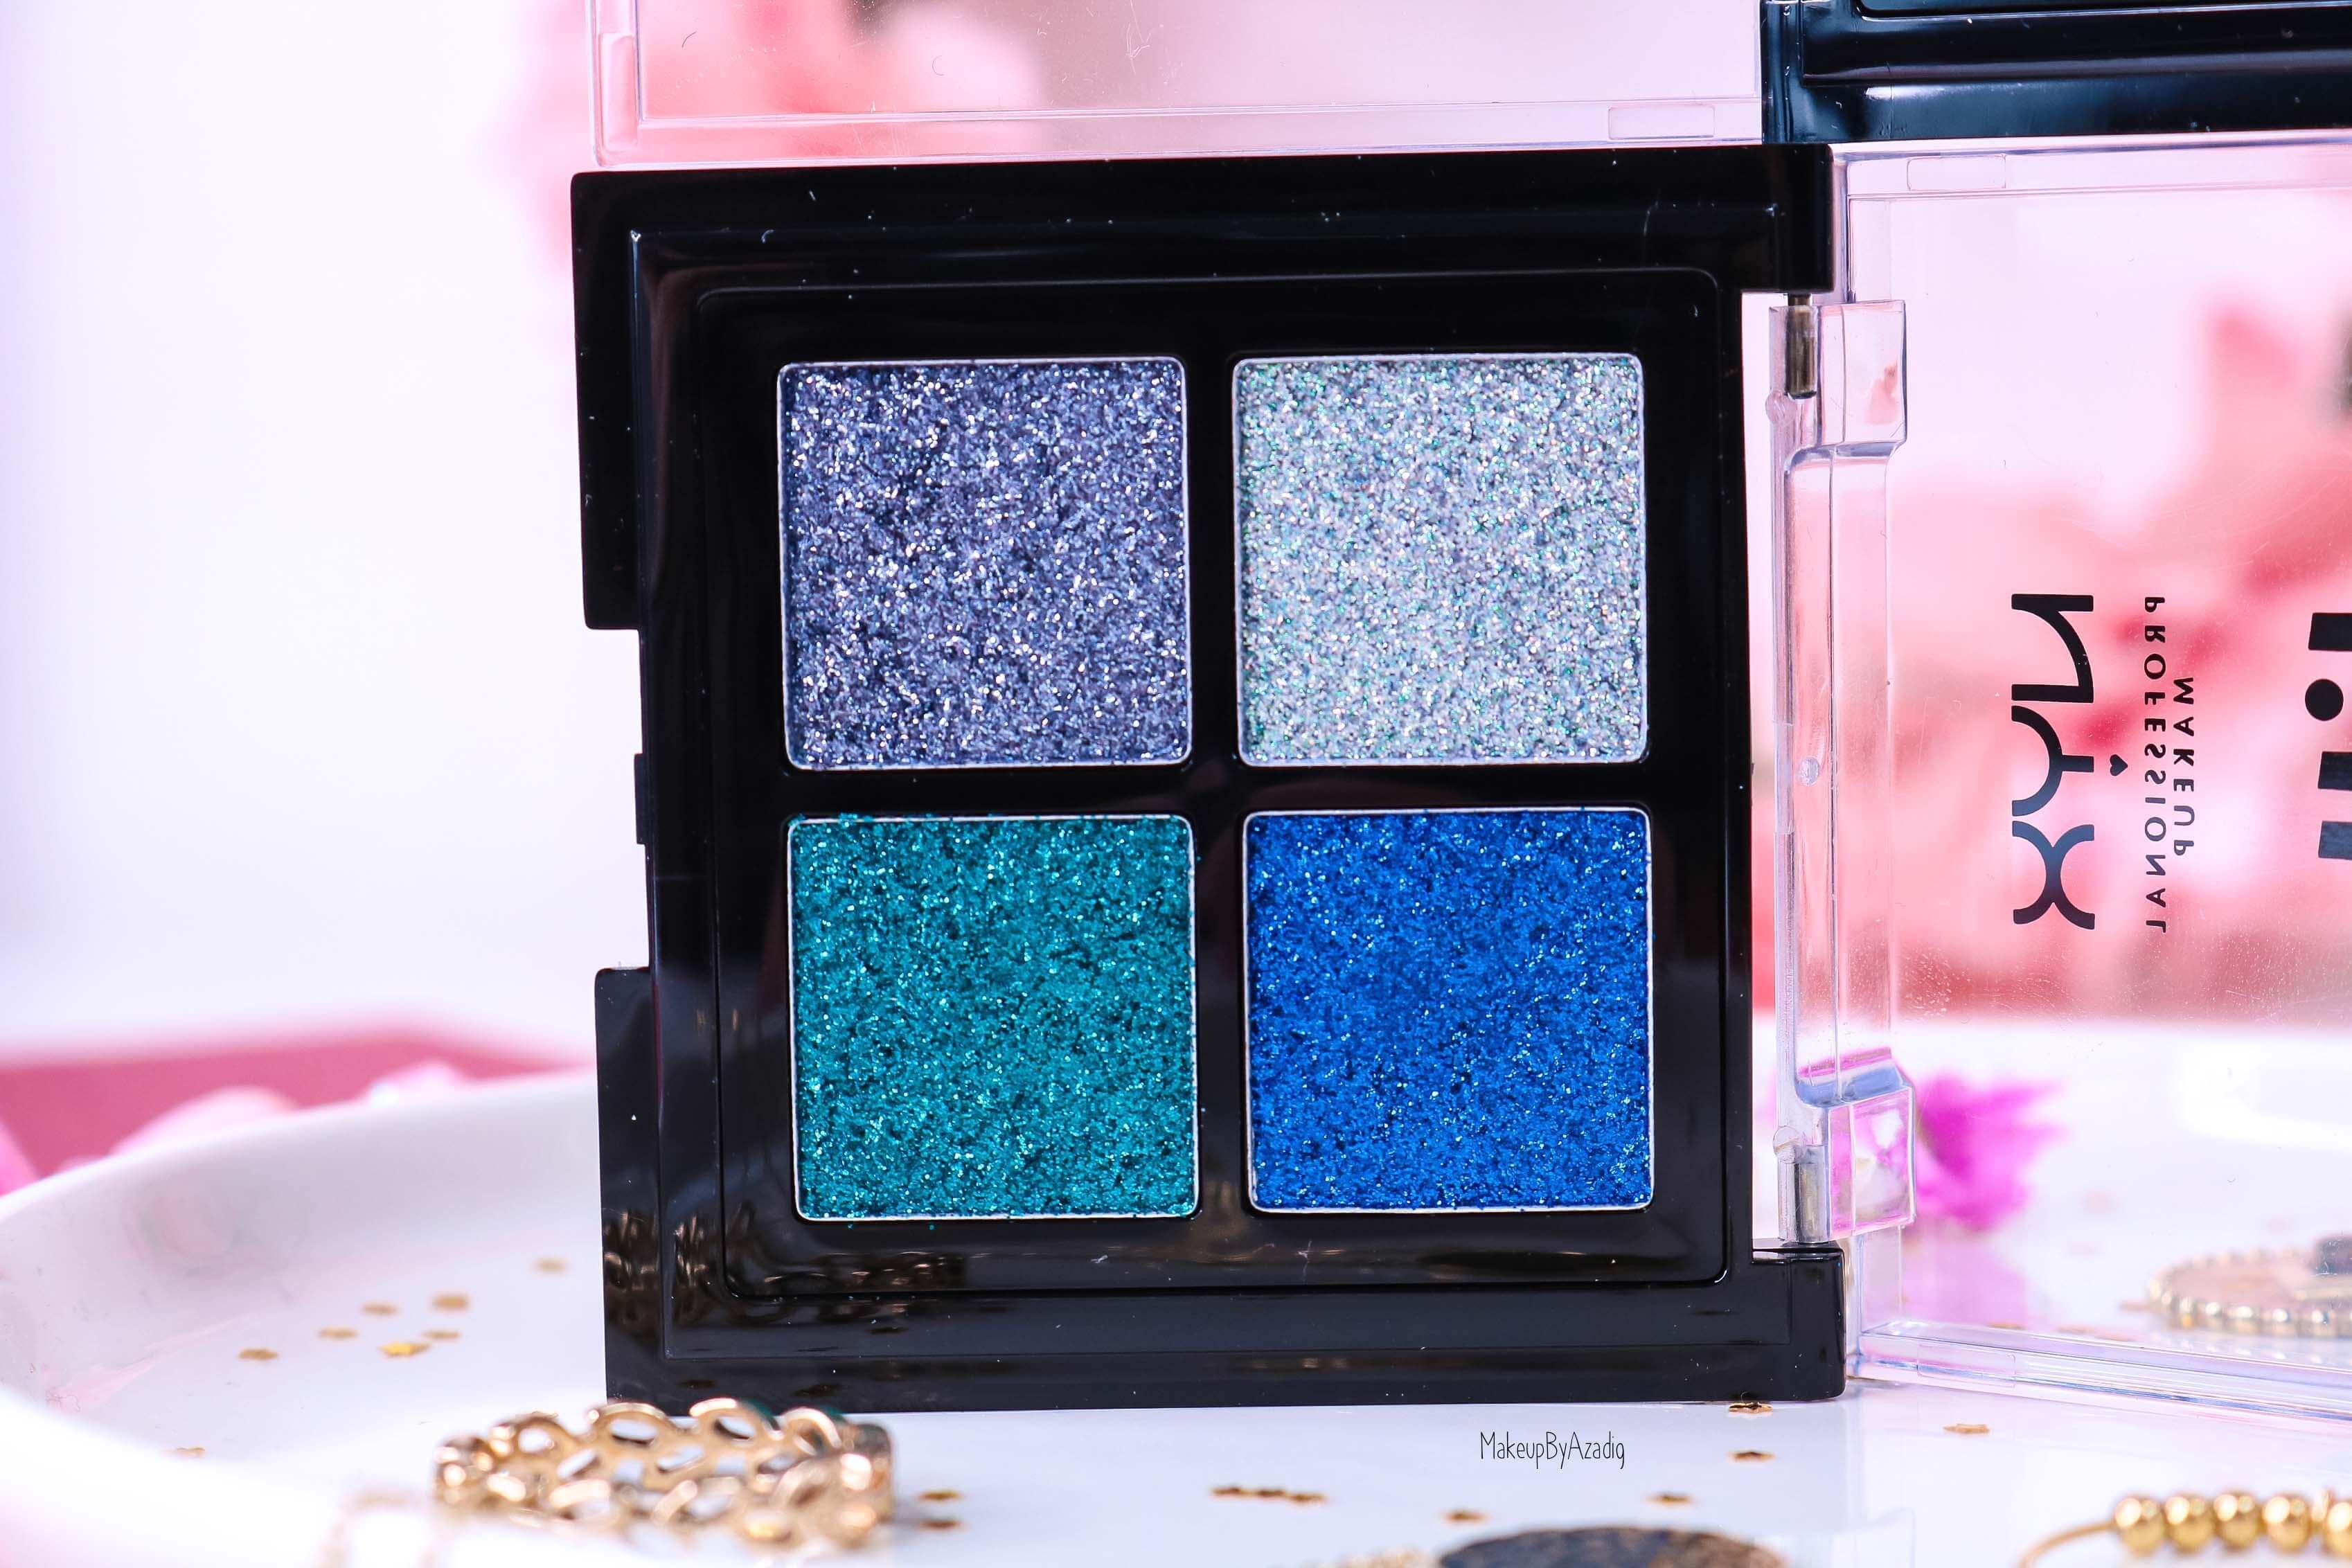 revue-palette-glitter-goals-nyx-professional-makeup-festival-coachella-avis-prix-paillette-makeupbyazadig-galactica-glacier-bleu